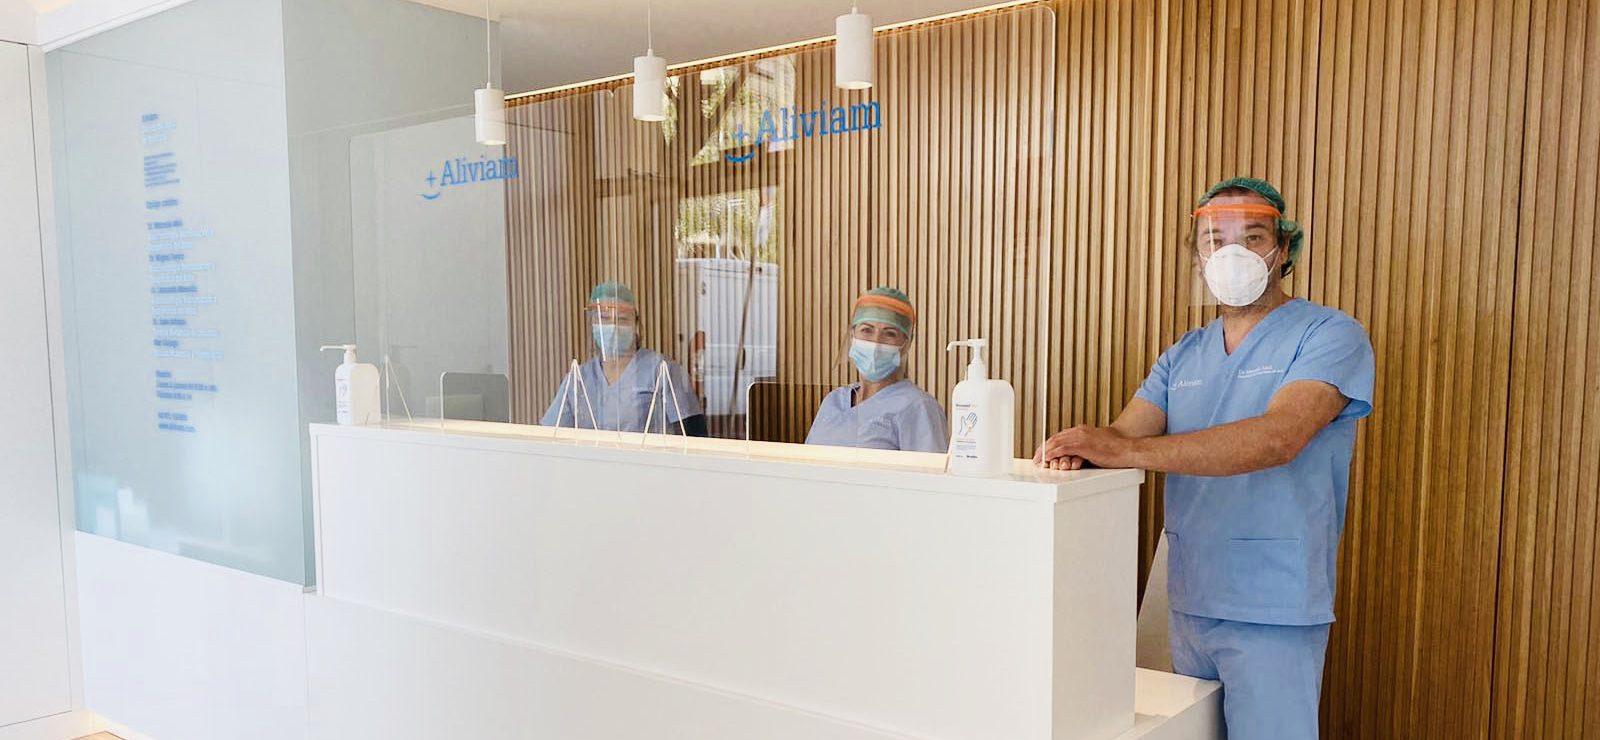 Aliviam toma medidas para reducir el riesgo de contagio por Covid19 de sus pacientes